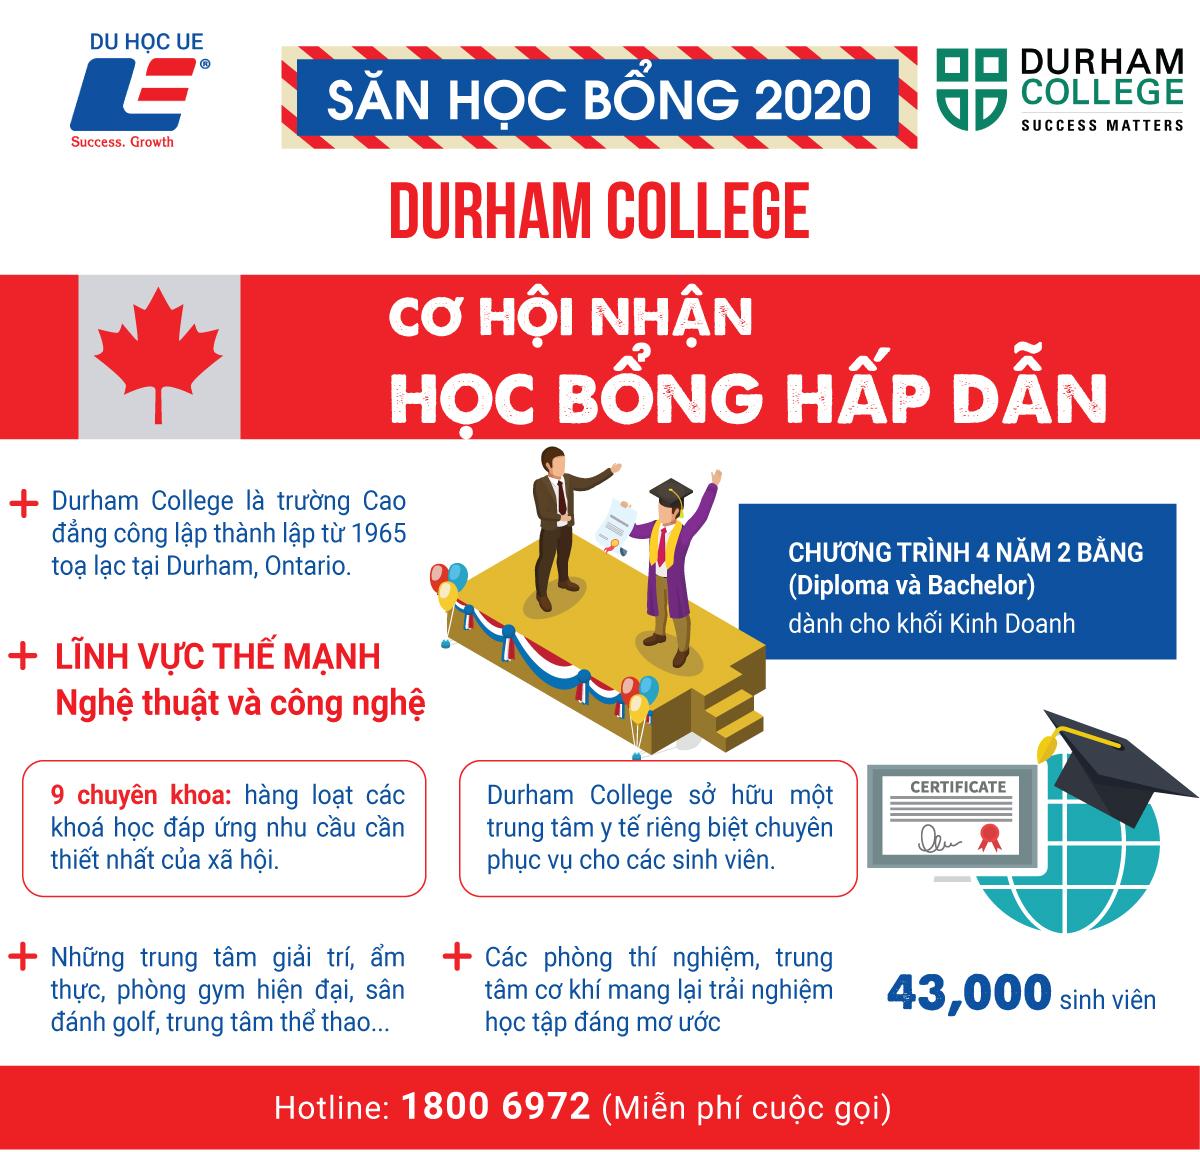 Học kinh doanh 4 năm lấy 2 bằng tại Durham College